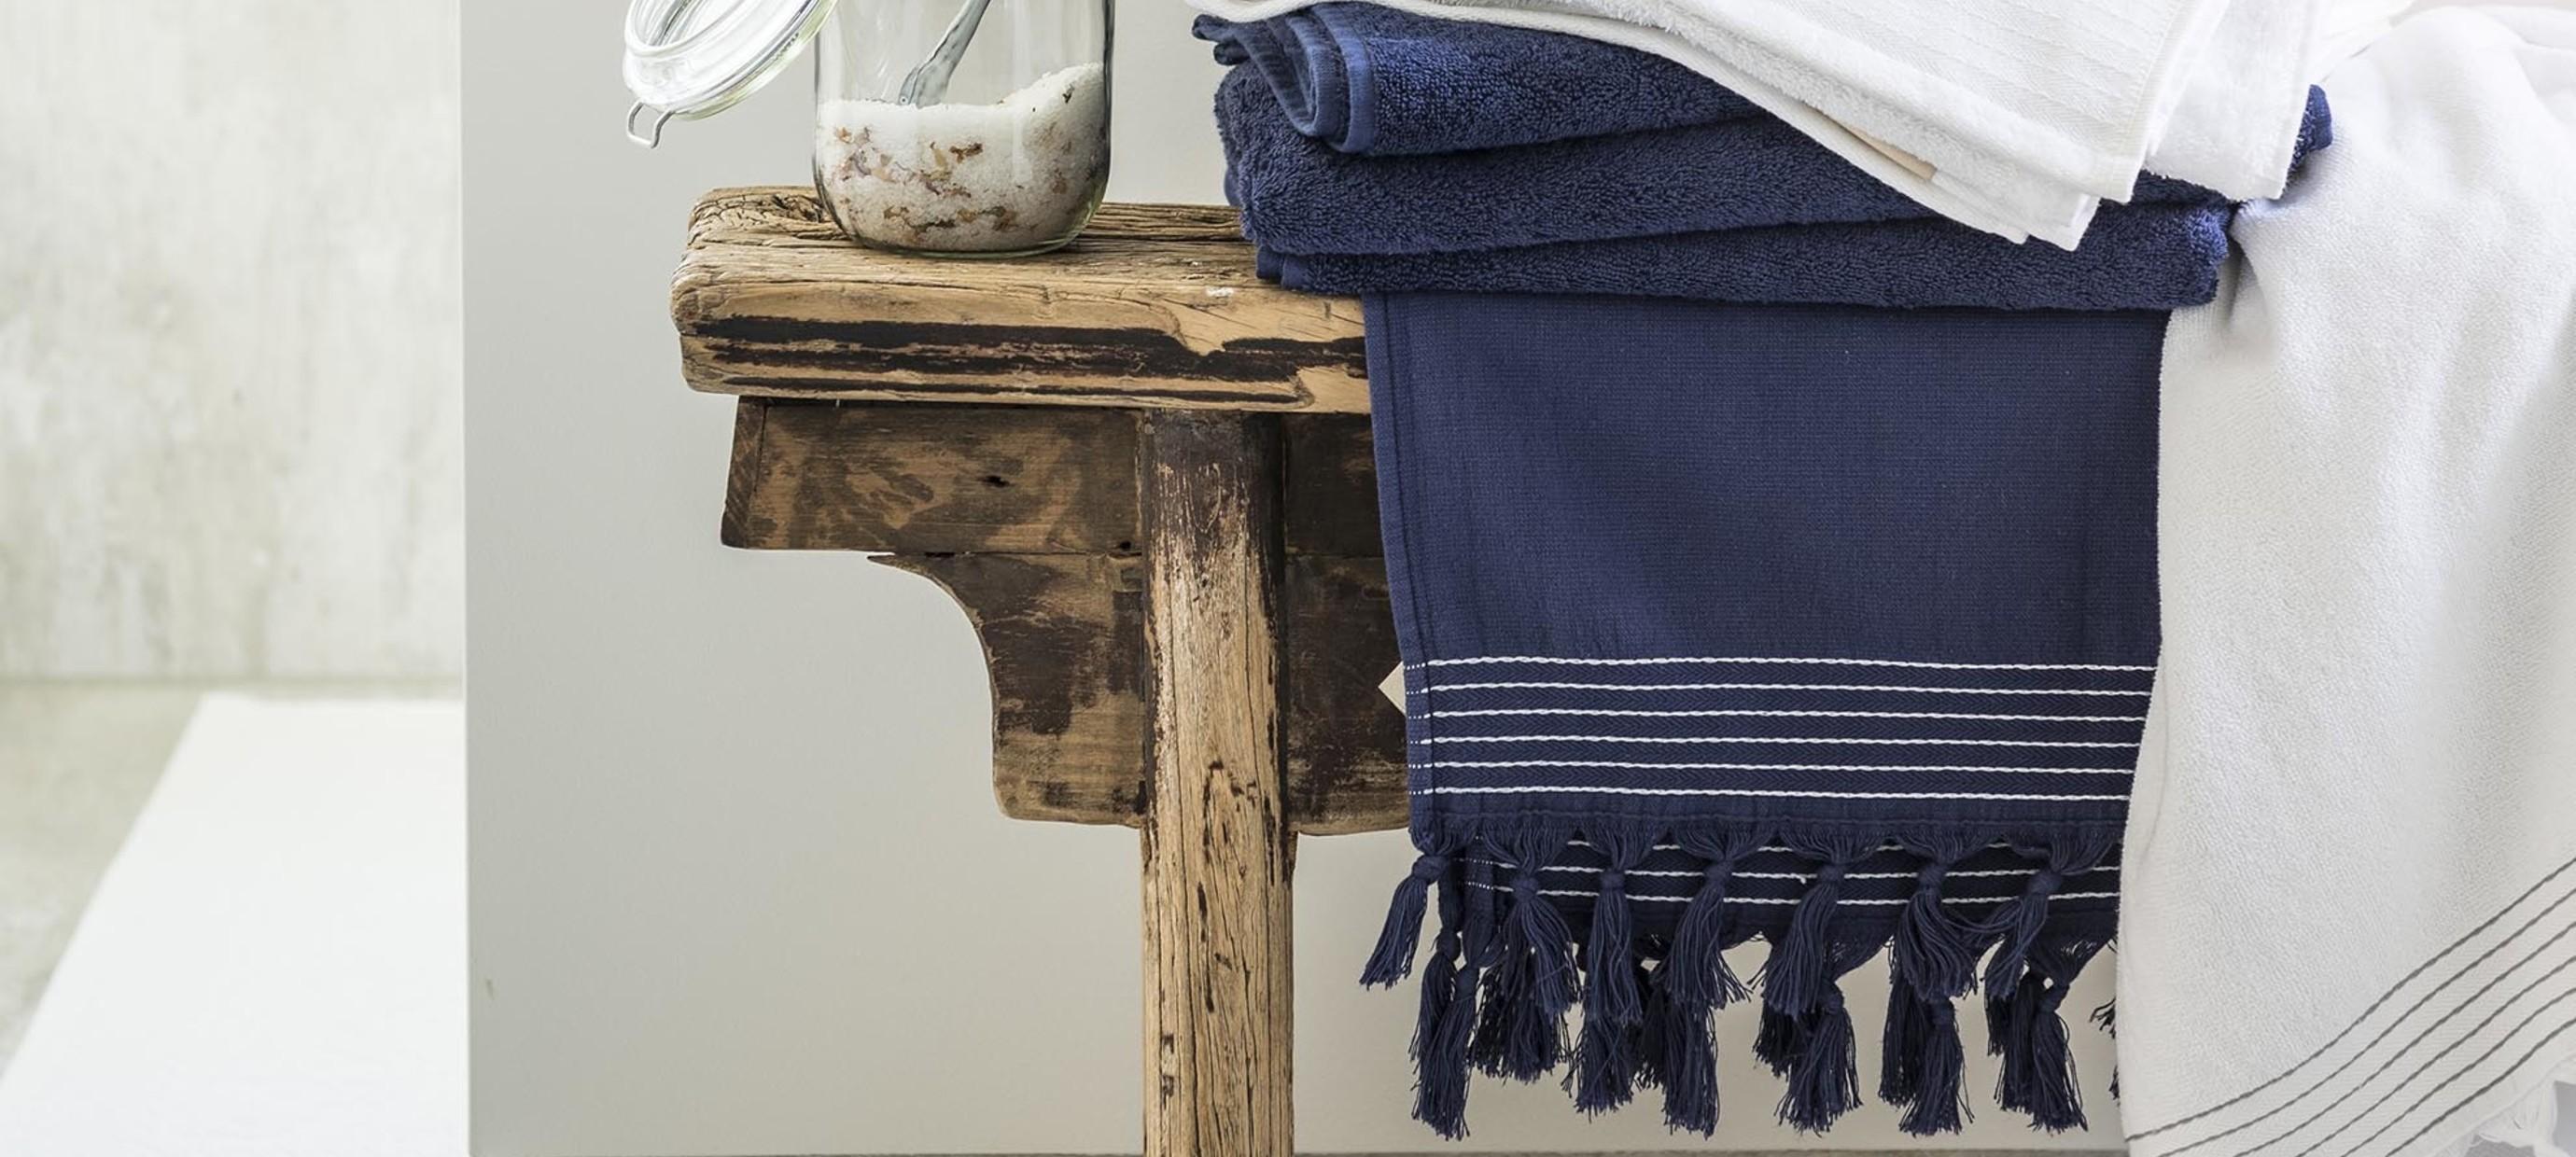 De meest gestelde vragen over handdoeken